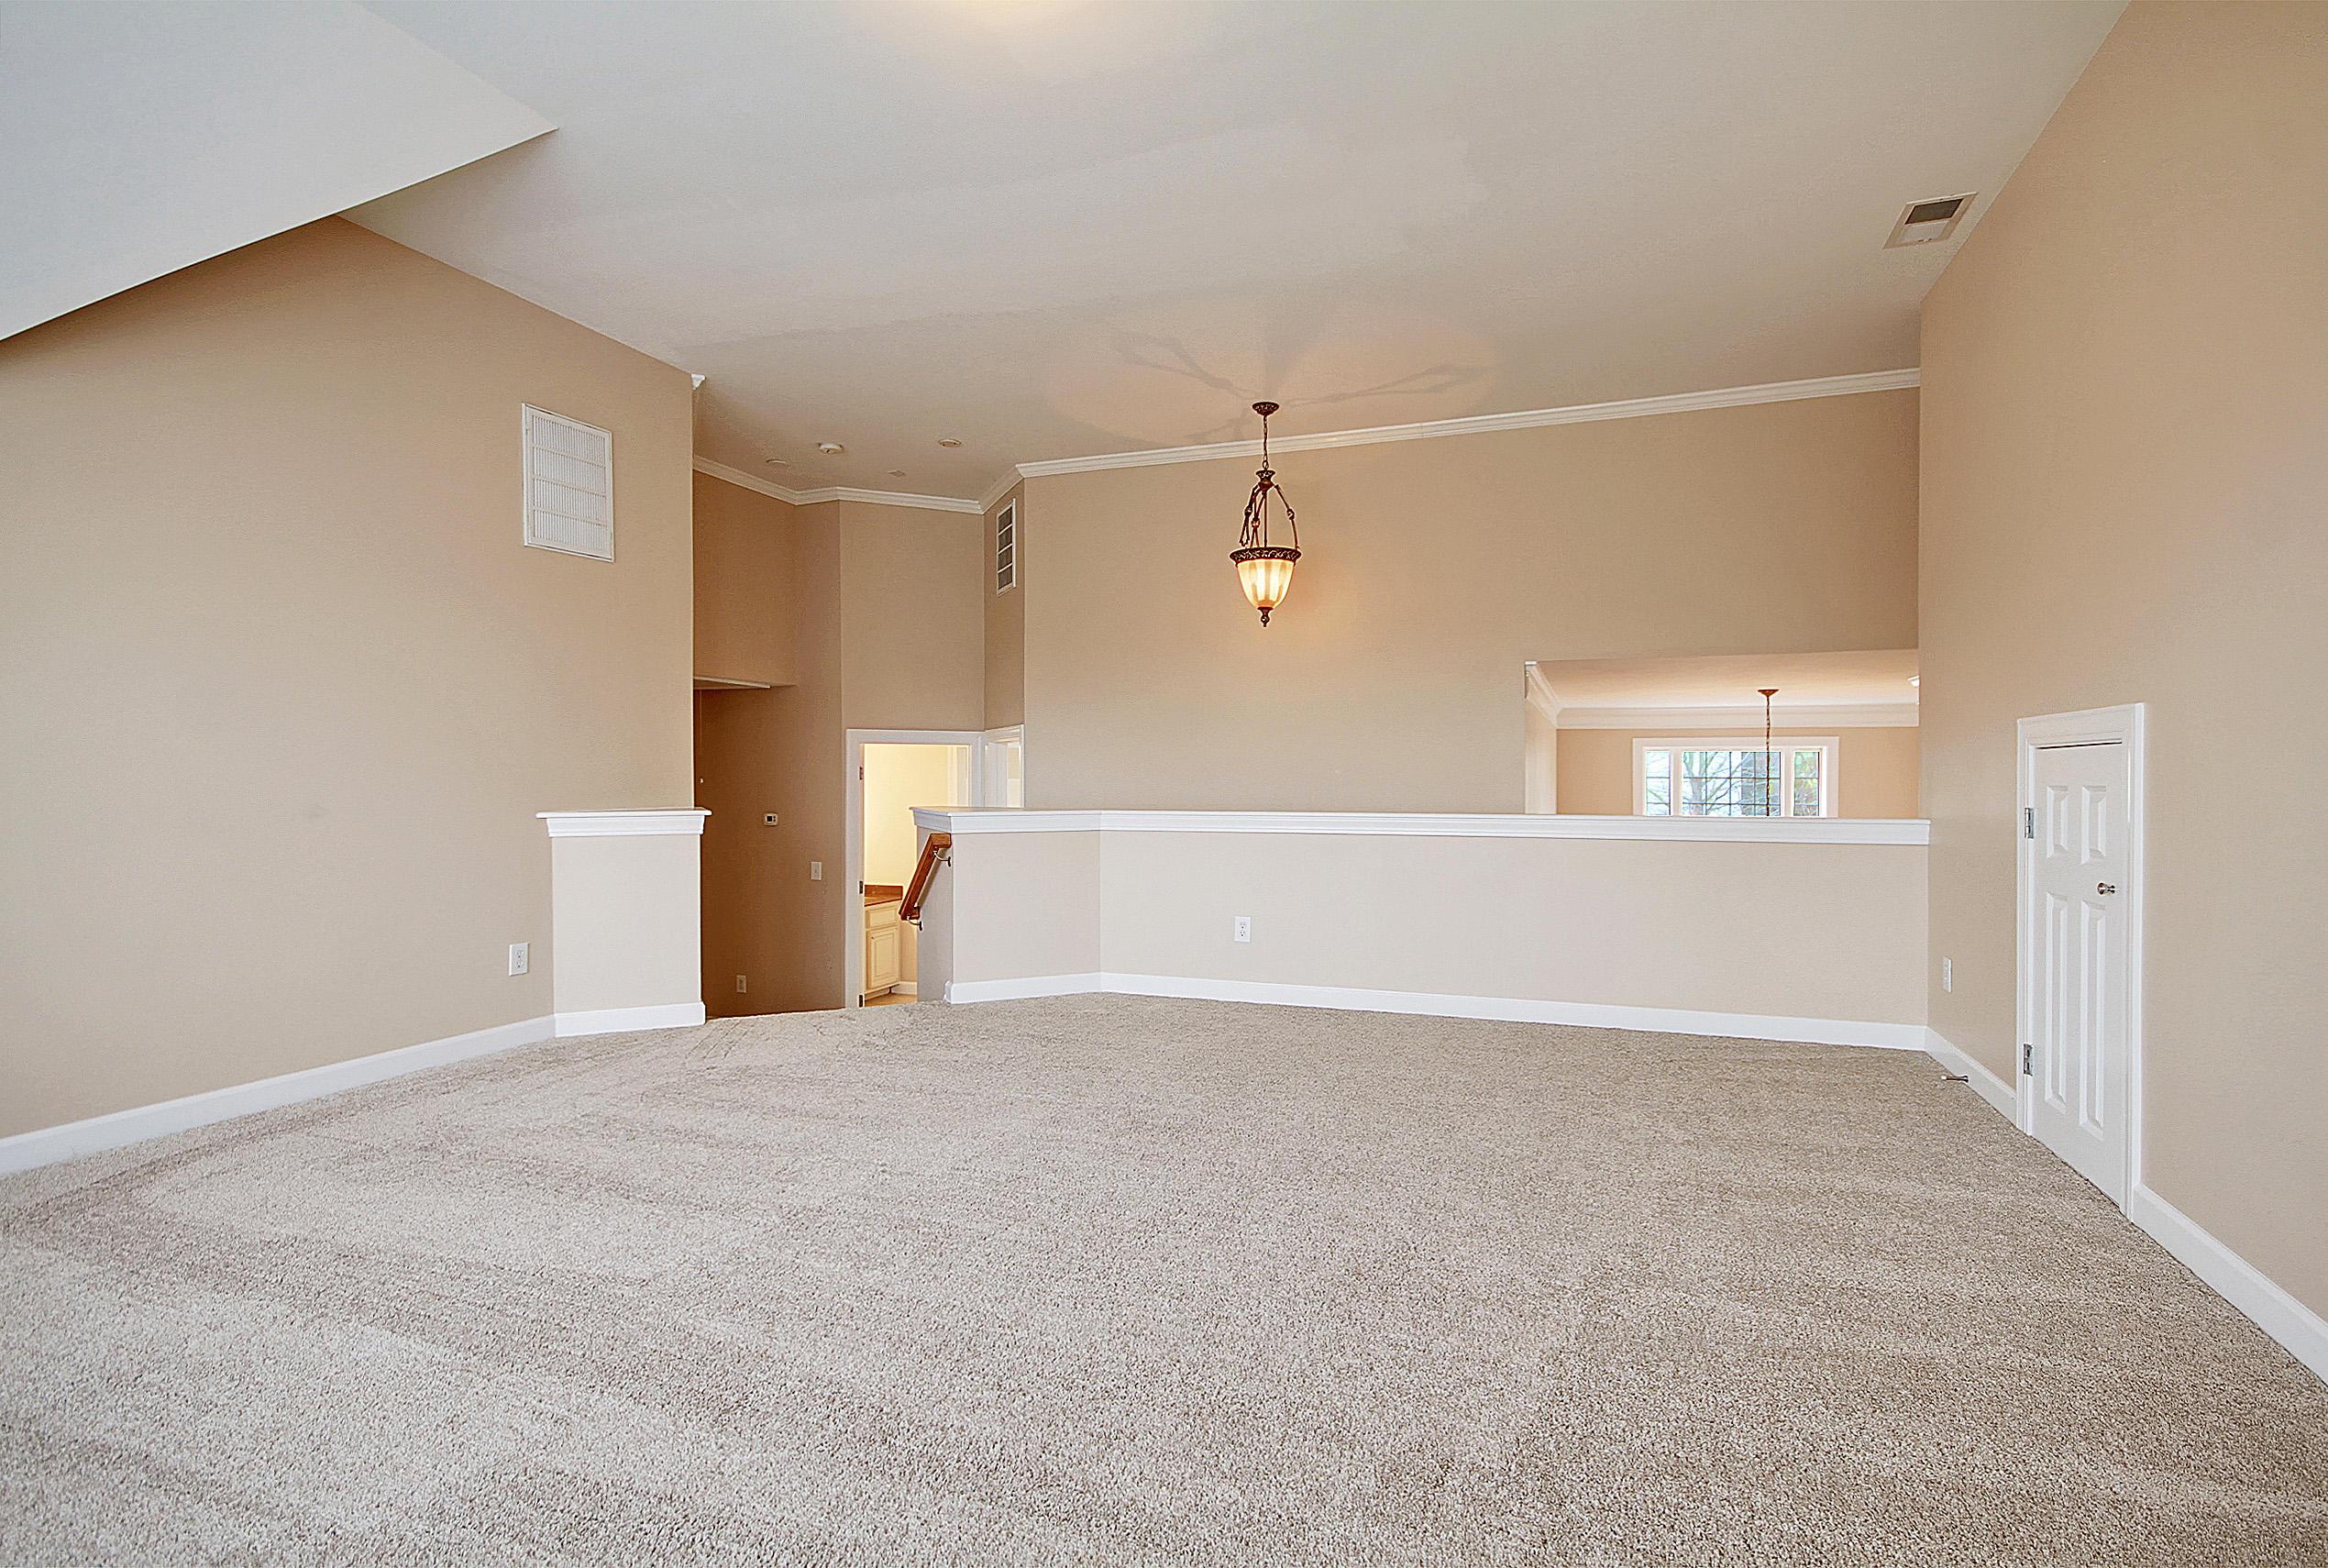 Dunes West Homes For Sale - 1501 Jacaranda, Mount Pleasant, SC - 0